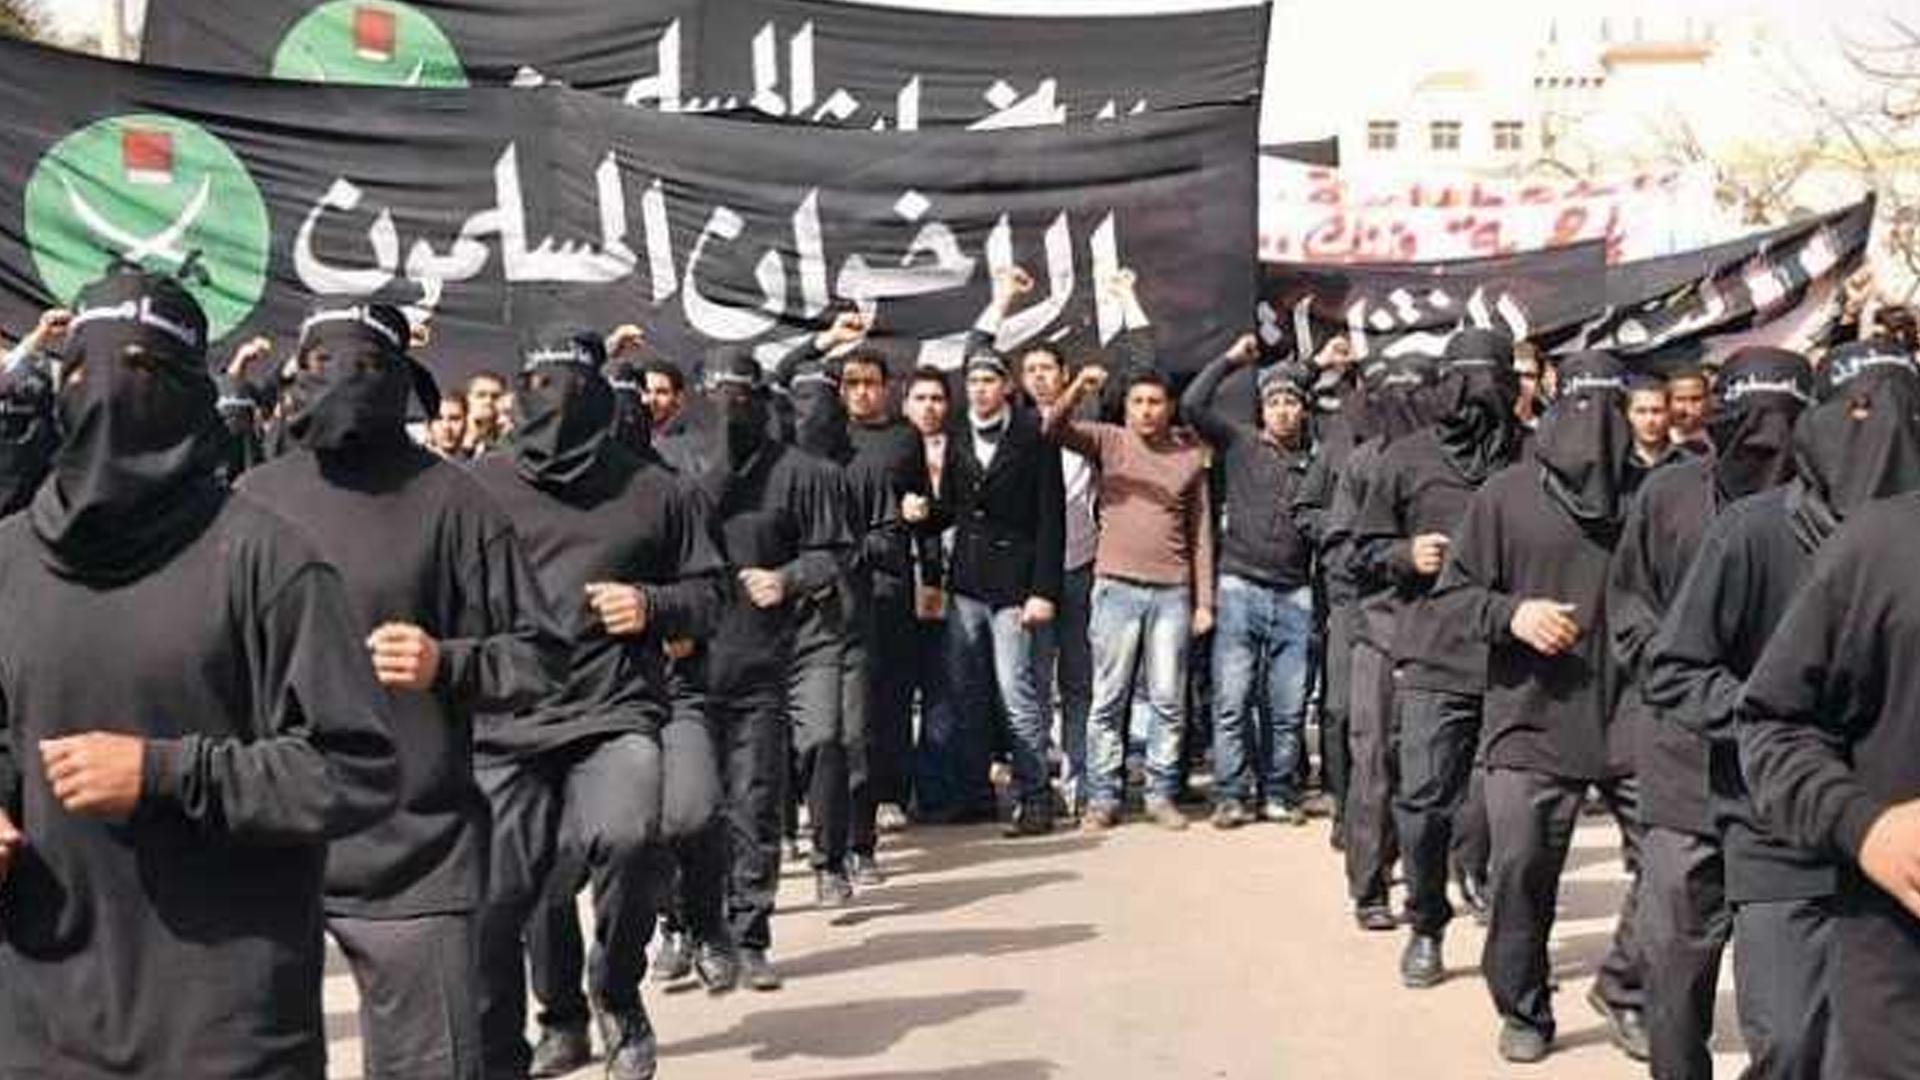 مصر..-نواب-برلمانيون-يضعون-خريطة-لمواجهة-كتائب-الإخوان-الإلكترونية-